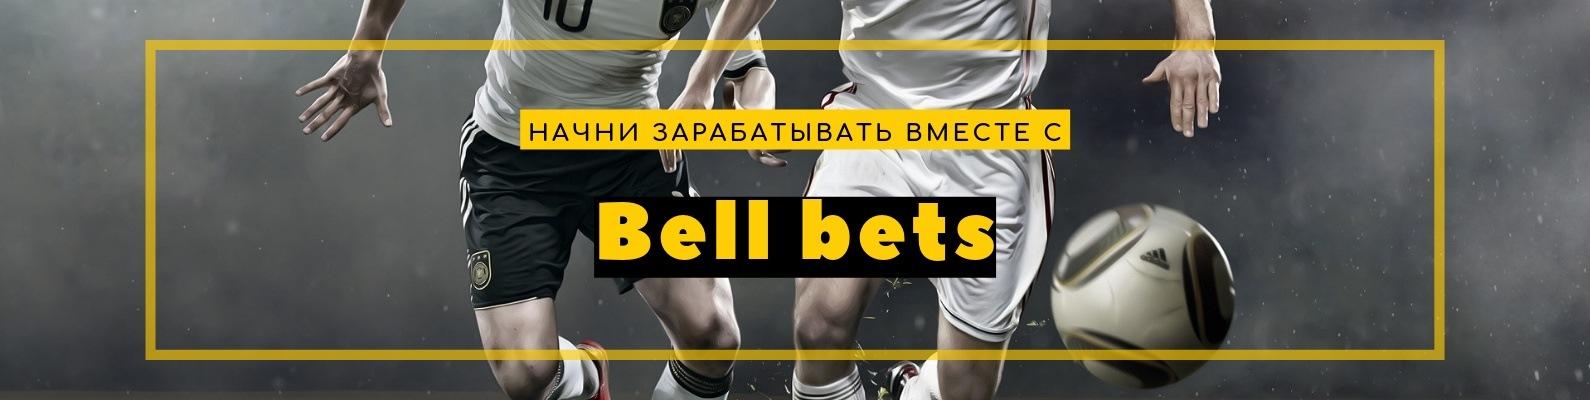 ставки от 50 рублей на спорт